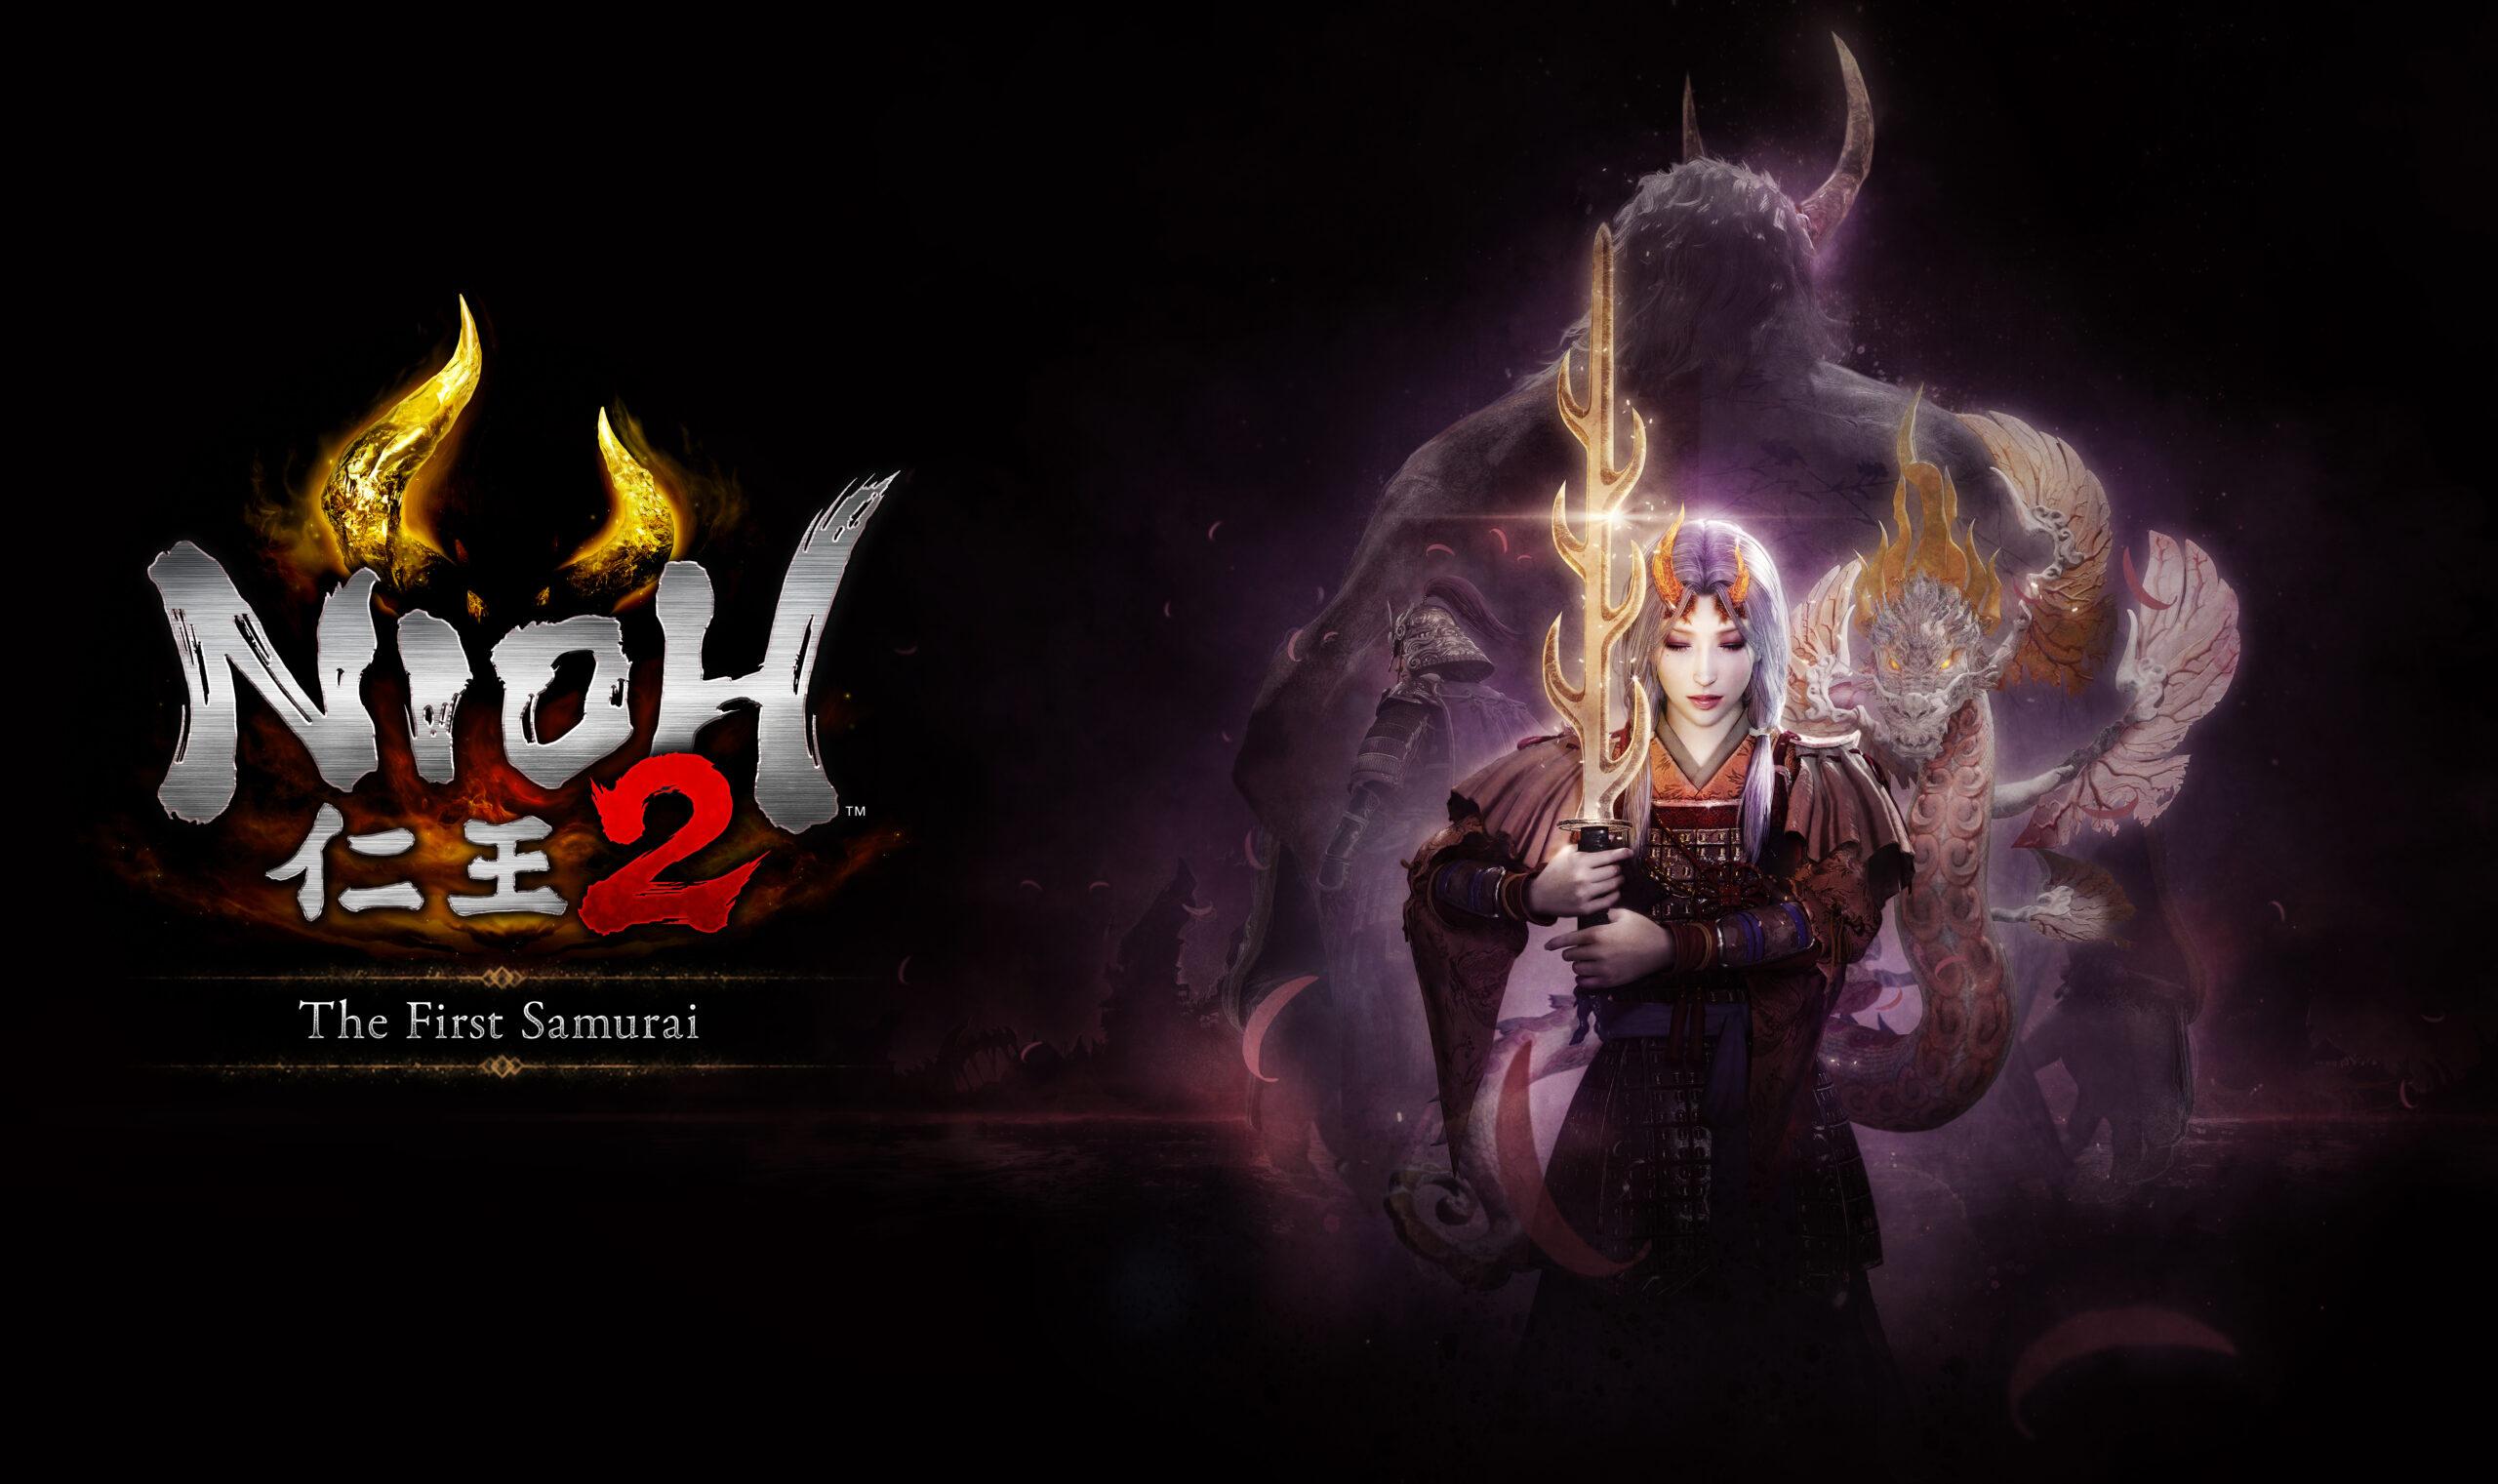 Nioh-2-First-Samurai-DLC